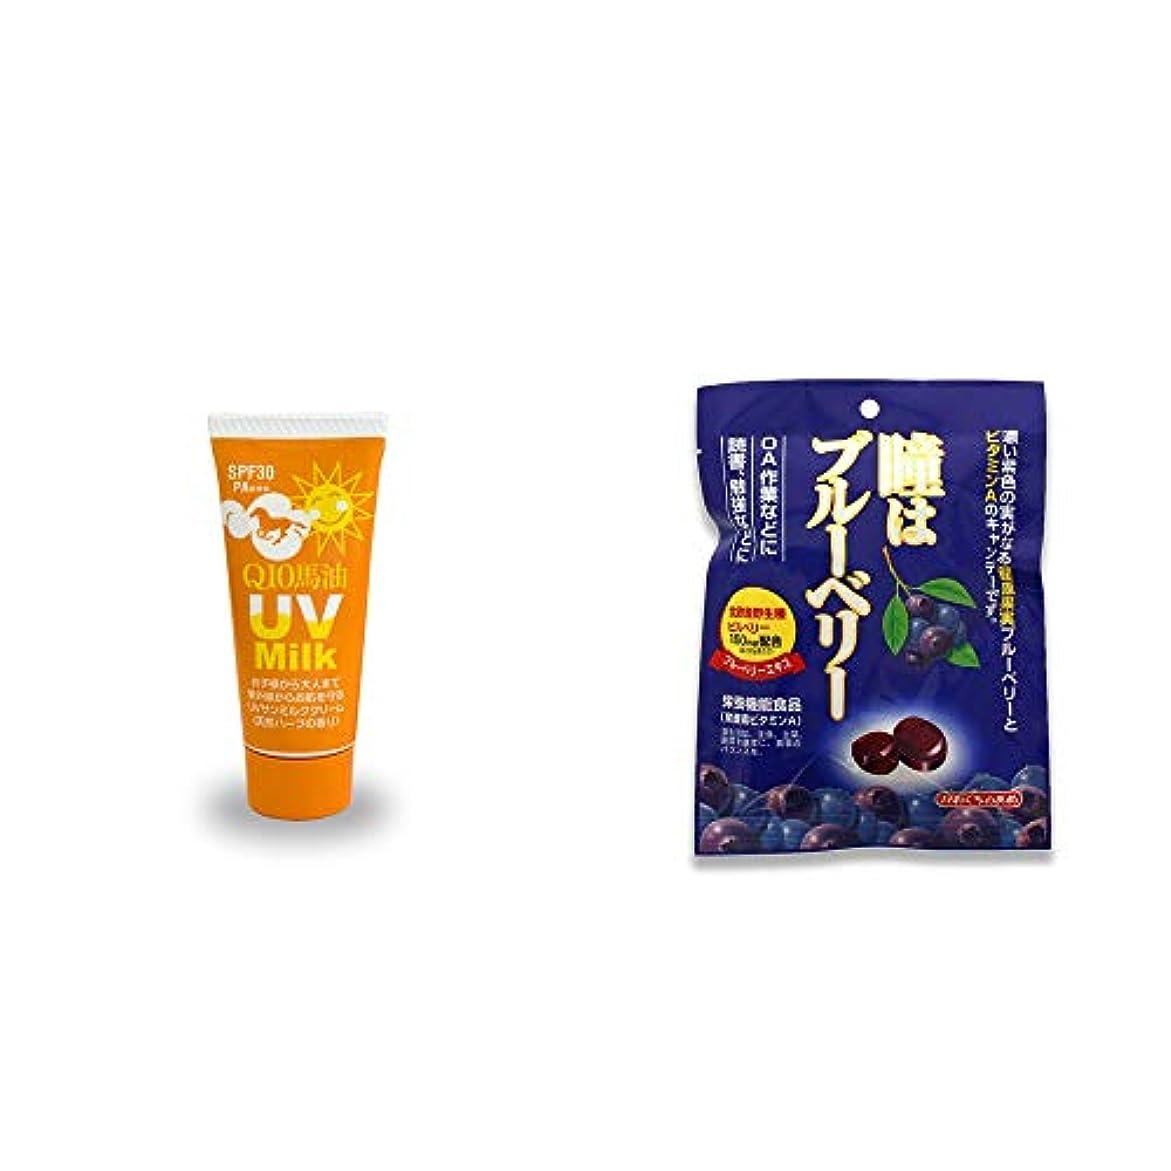 手段ポーク毎日[2点セット] 炭黒泉 Q10馬油 UVサンミルク[天然ハーブ](40g)?瞳はブルーベリー 健康機能食品[ビタミンA](100g)